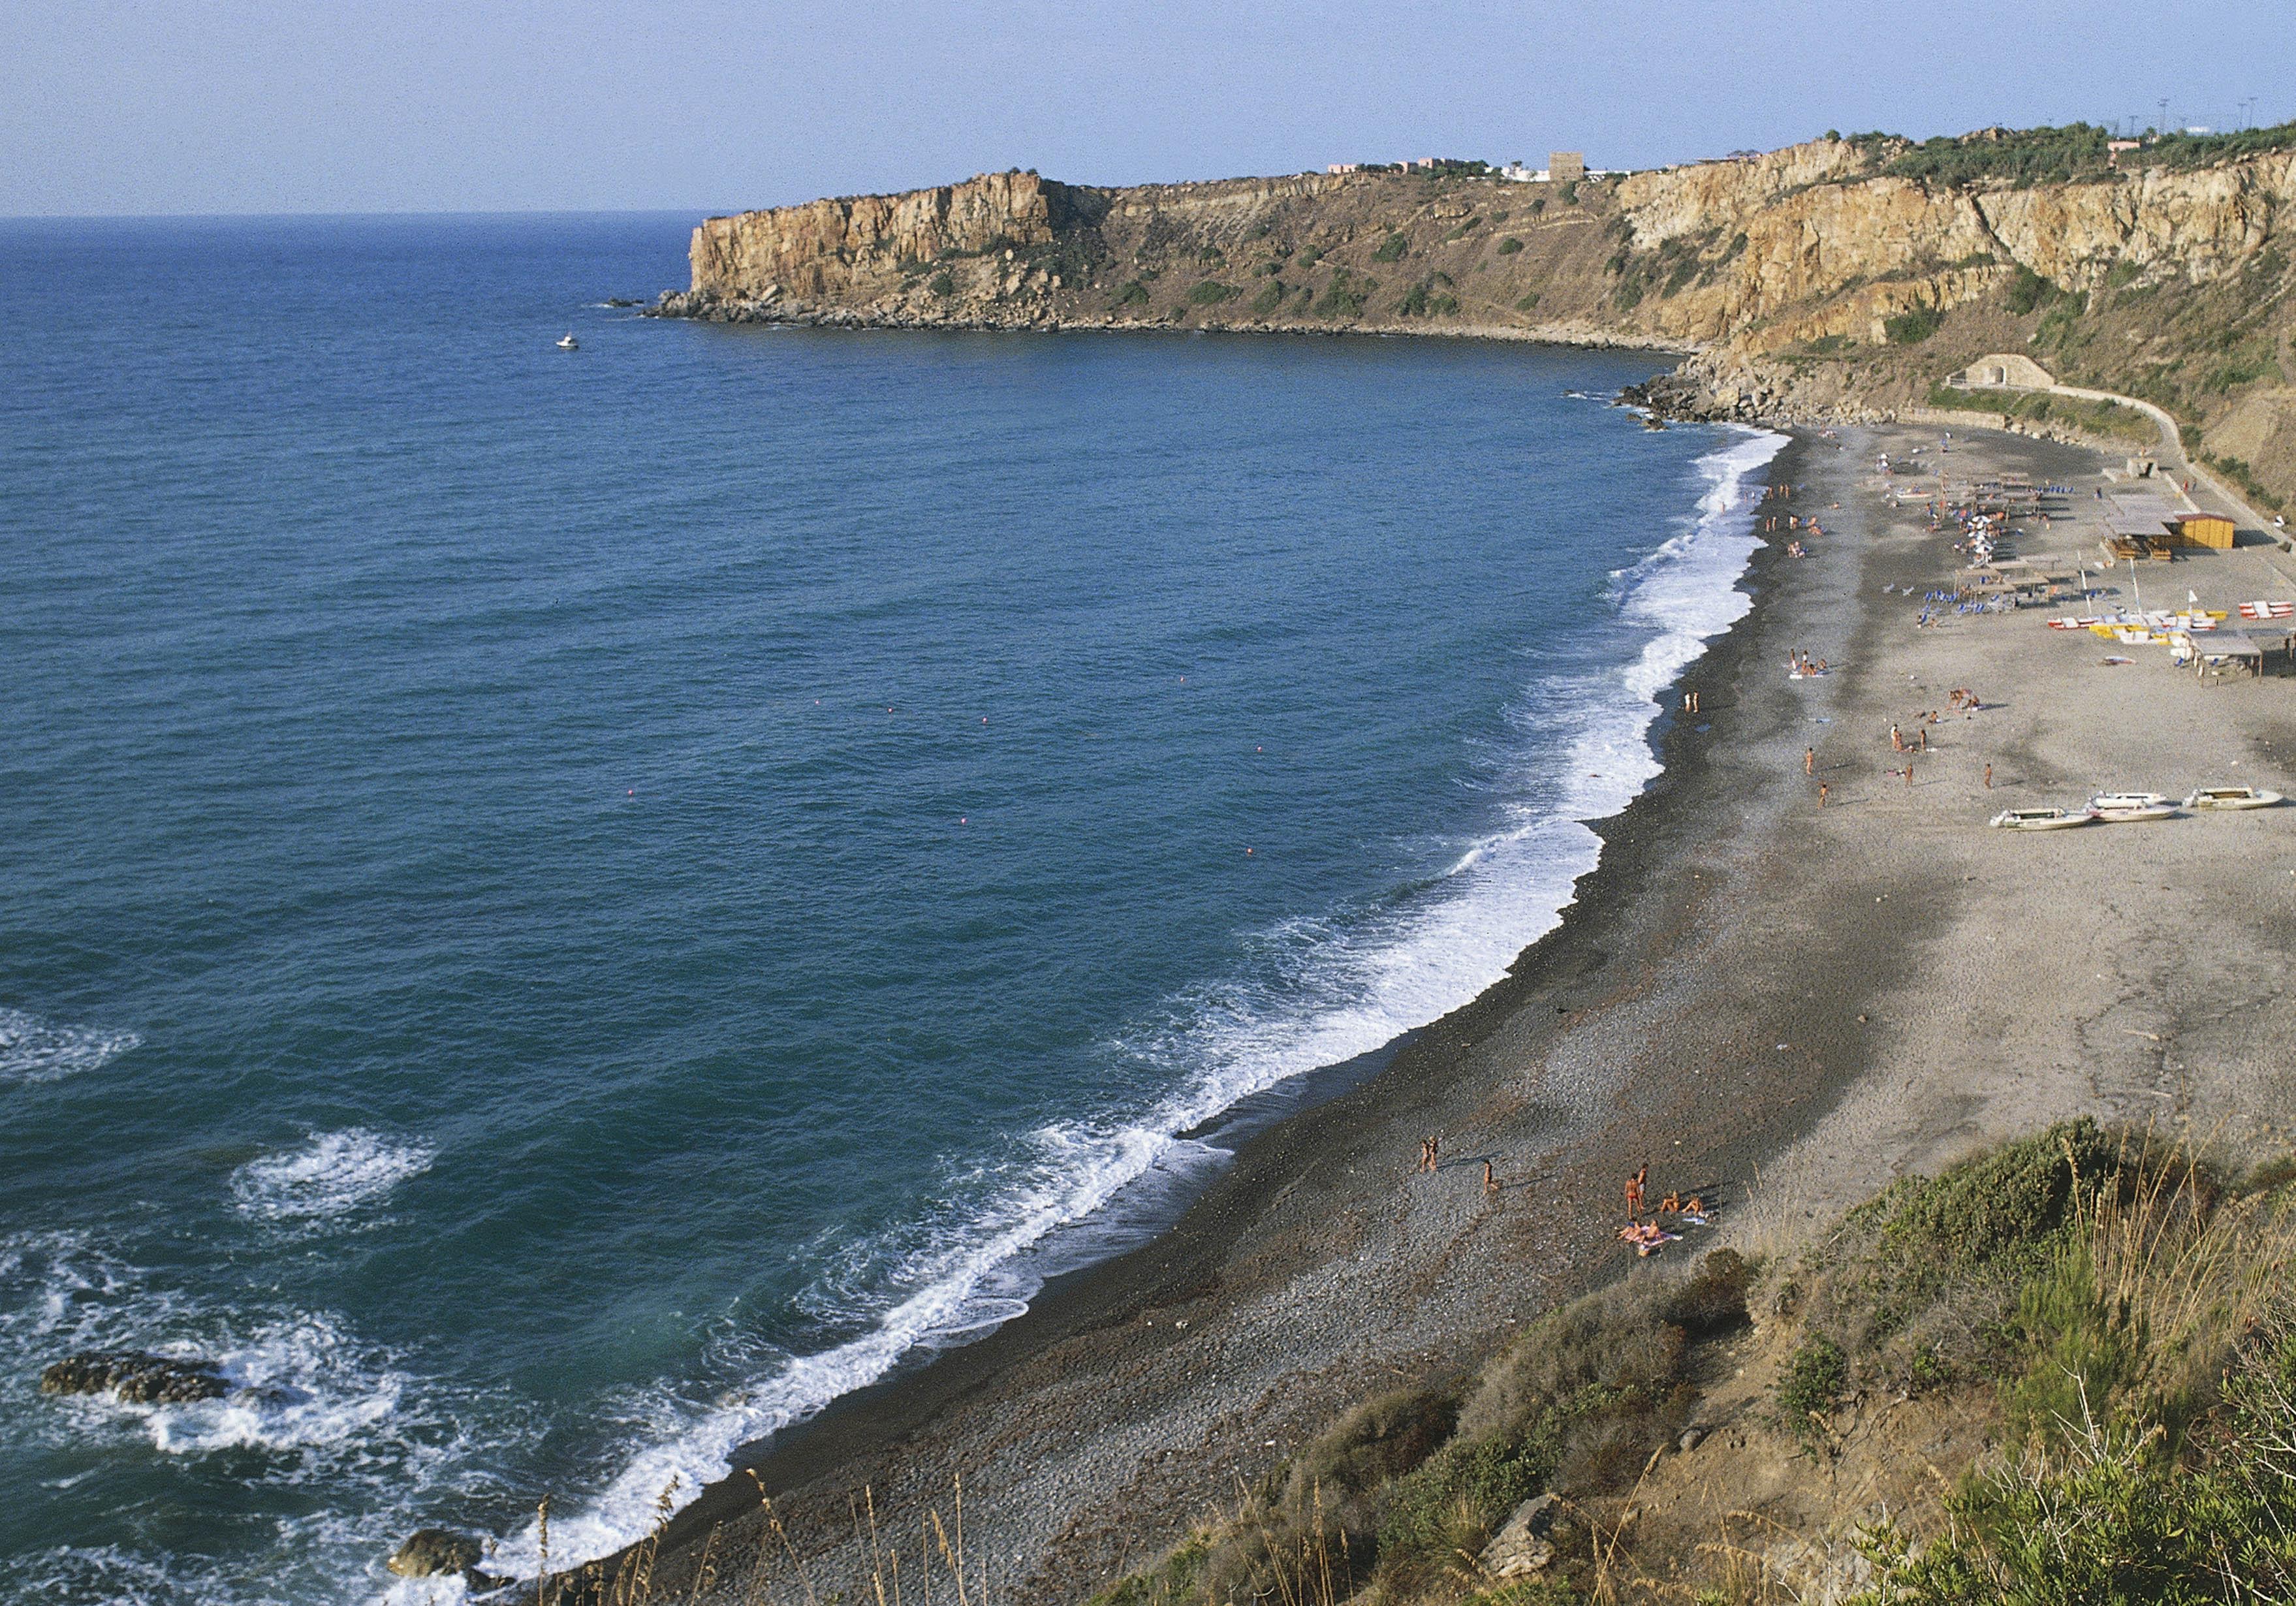 La plage de cefal en sicile les plus belles plages de m diterran e pour b - Dimension de la sicile ...